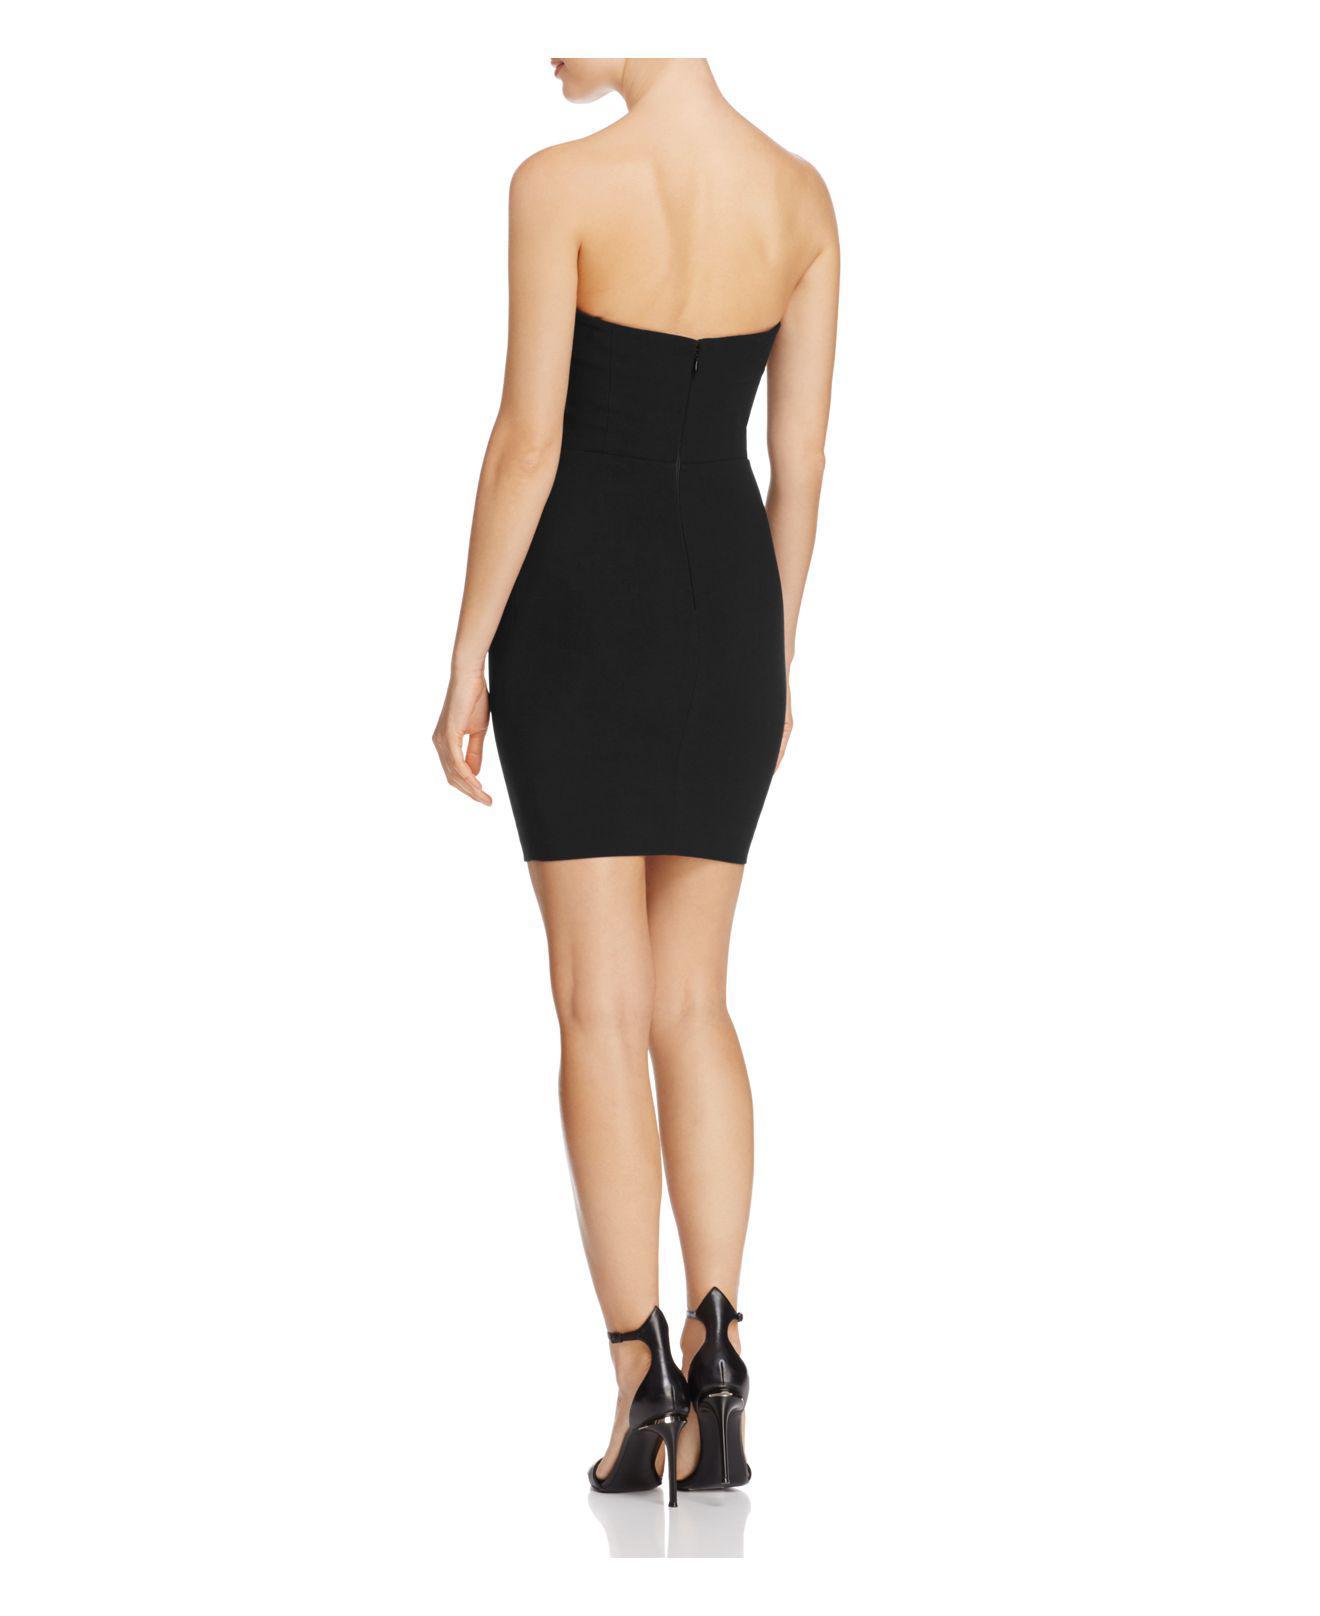 Bustier style dress